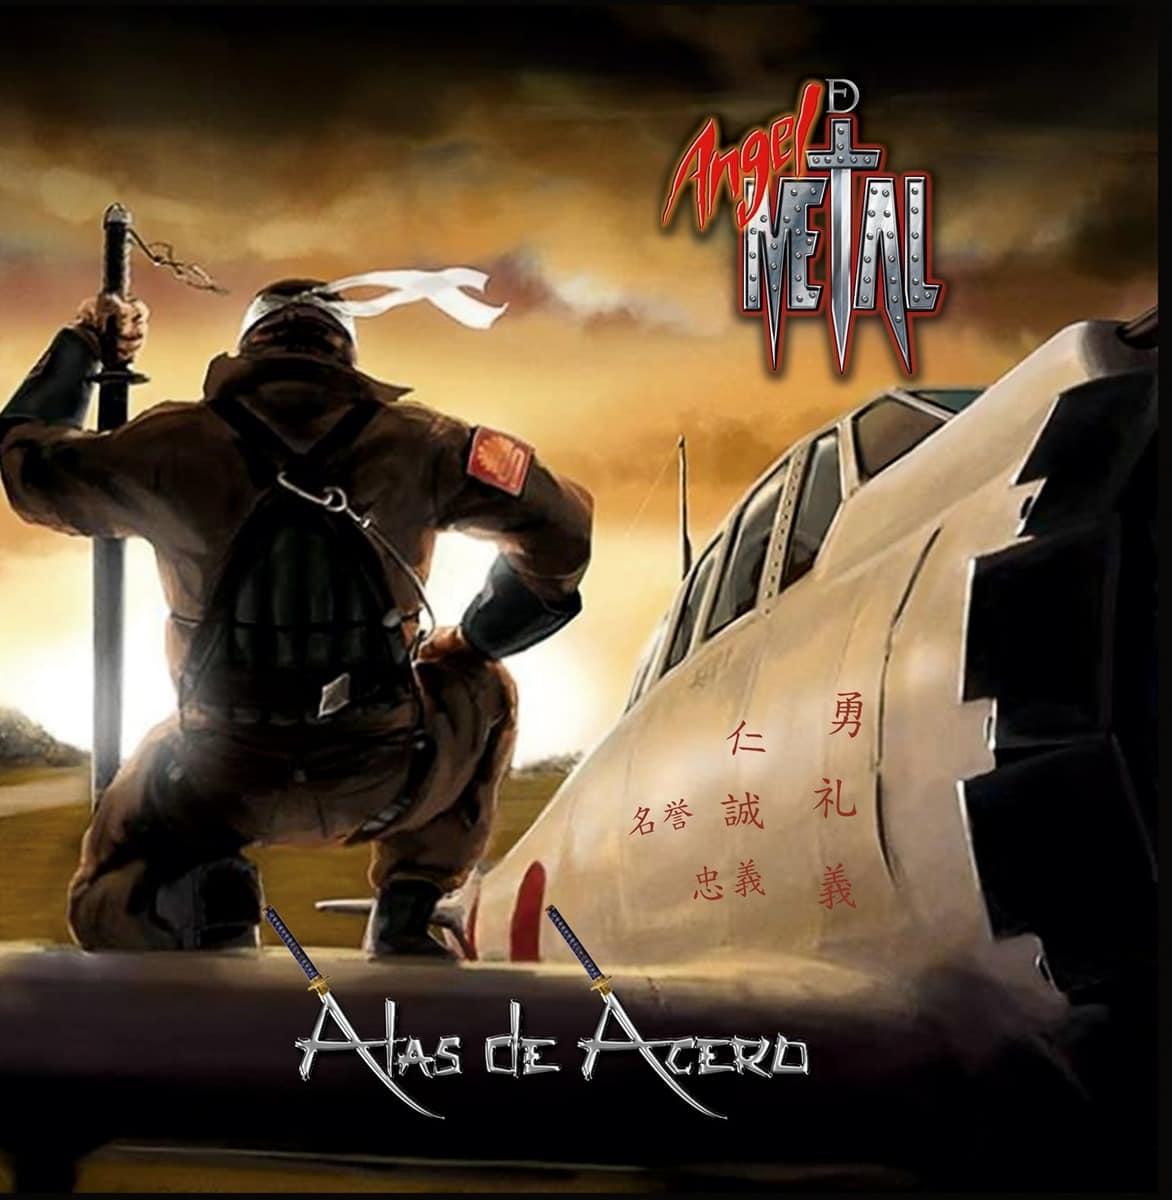 ANGEL DE METAL (MEX) – Alas de acero, 2014